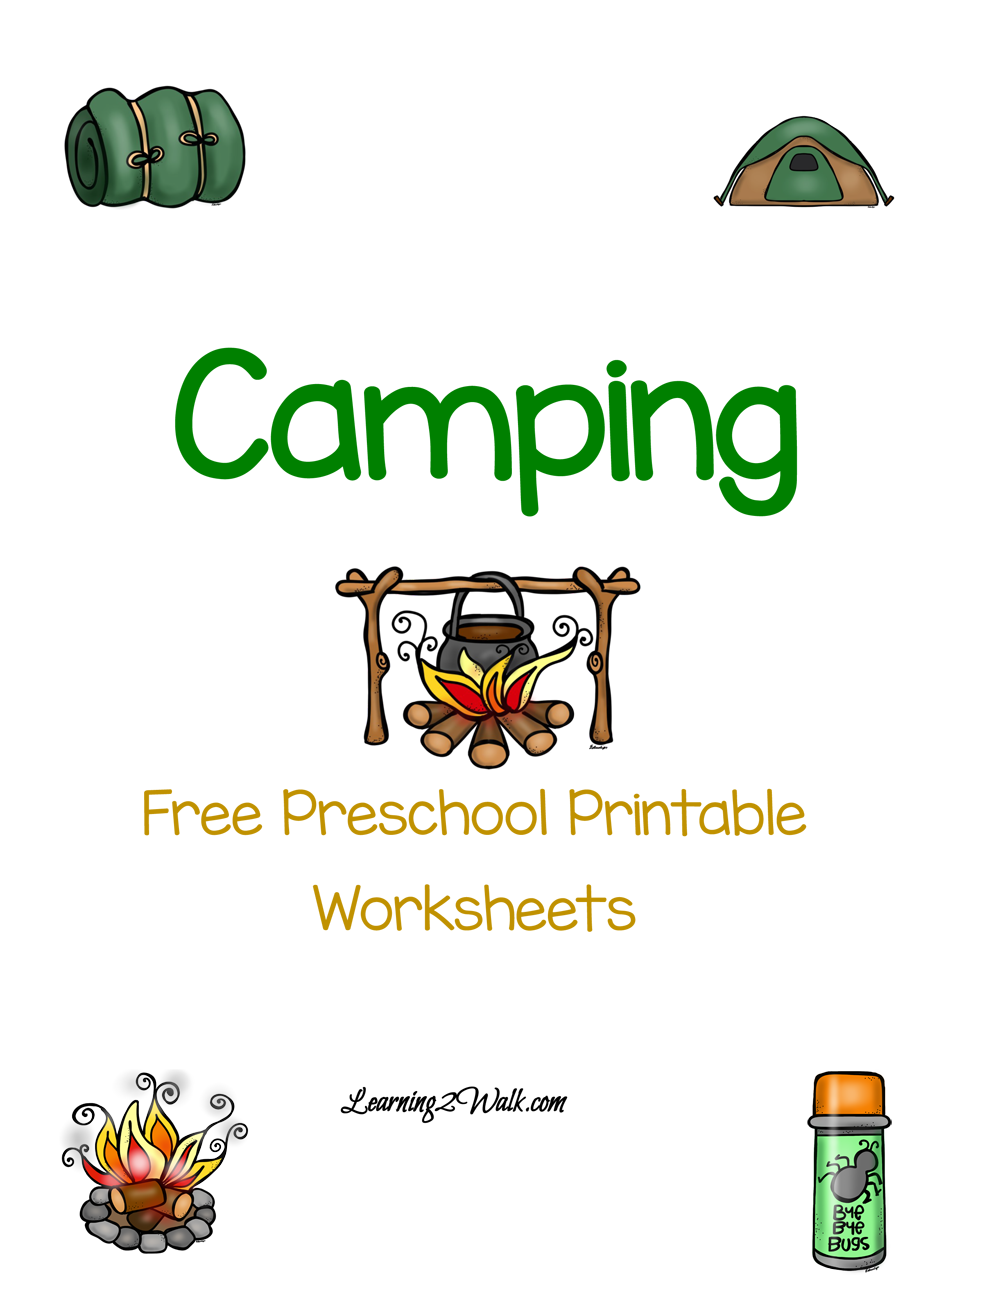 Free Camping Preschool Printable Worksheets